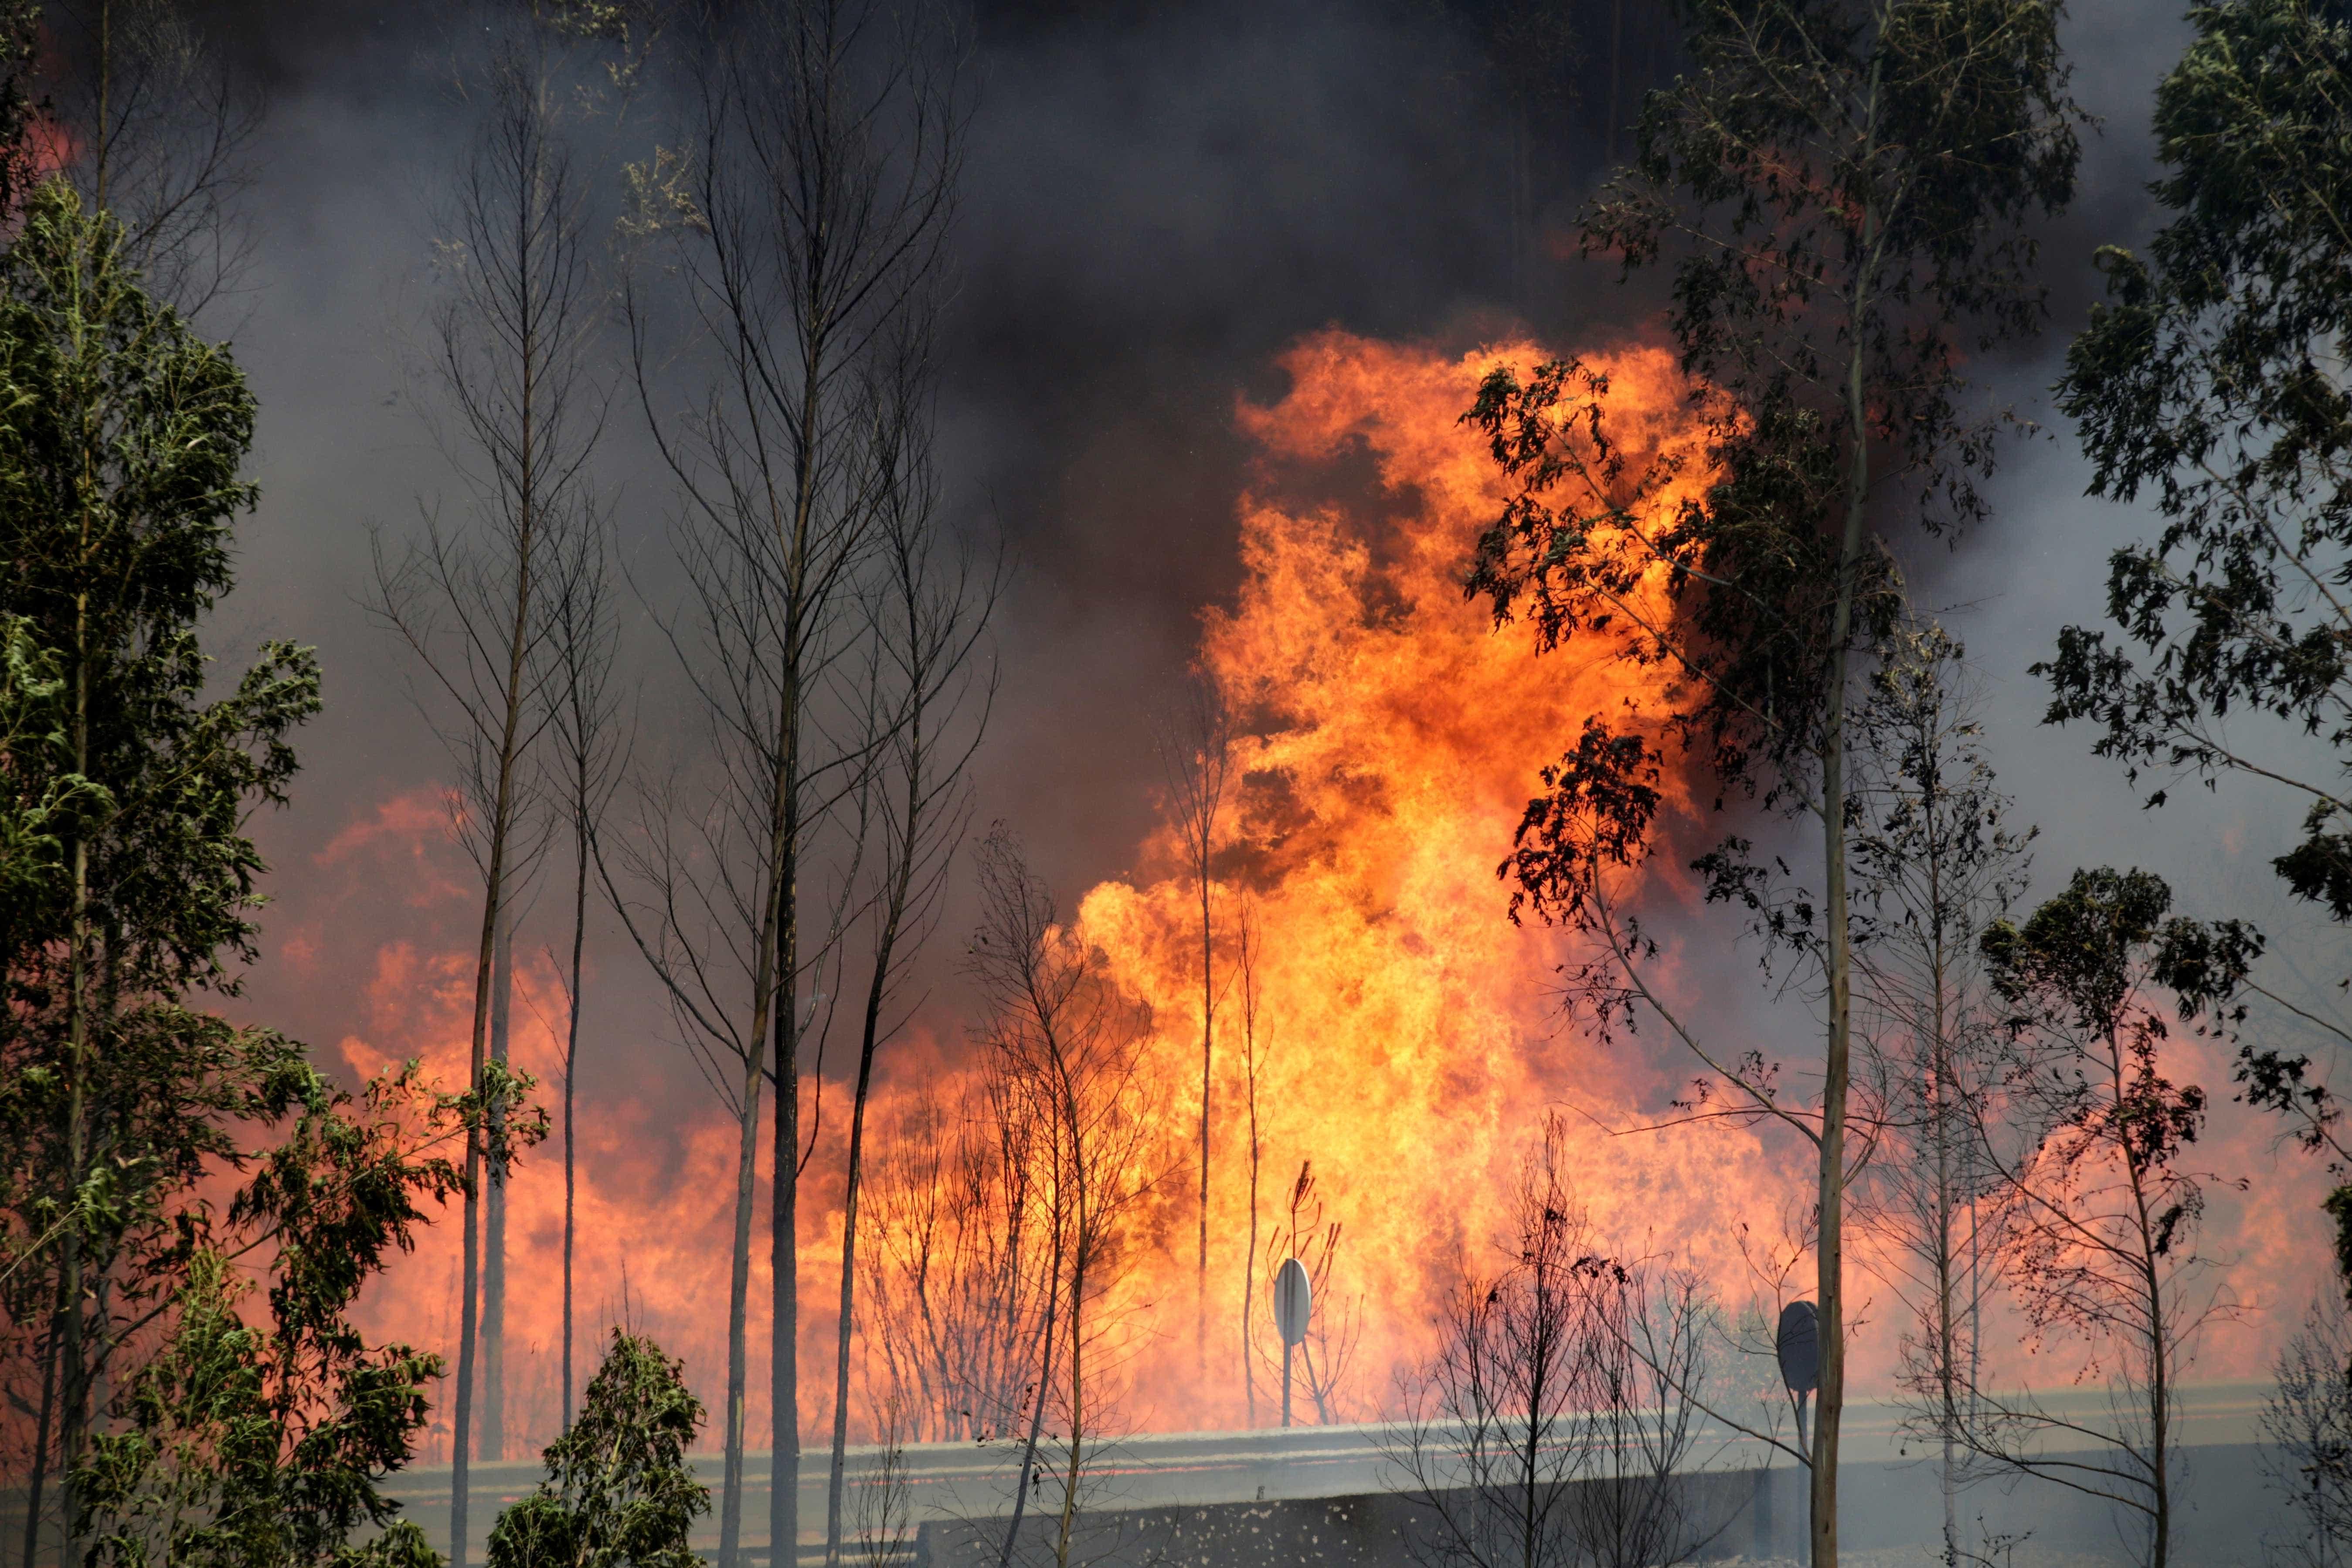 Estudantes multados em 27 milhões devido a churrasco que causou incêndio